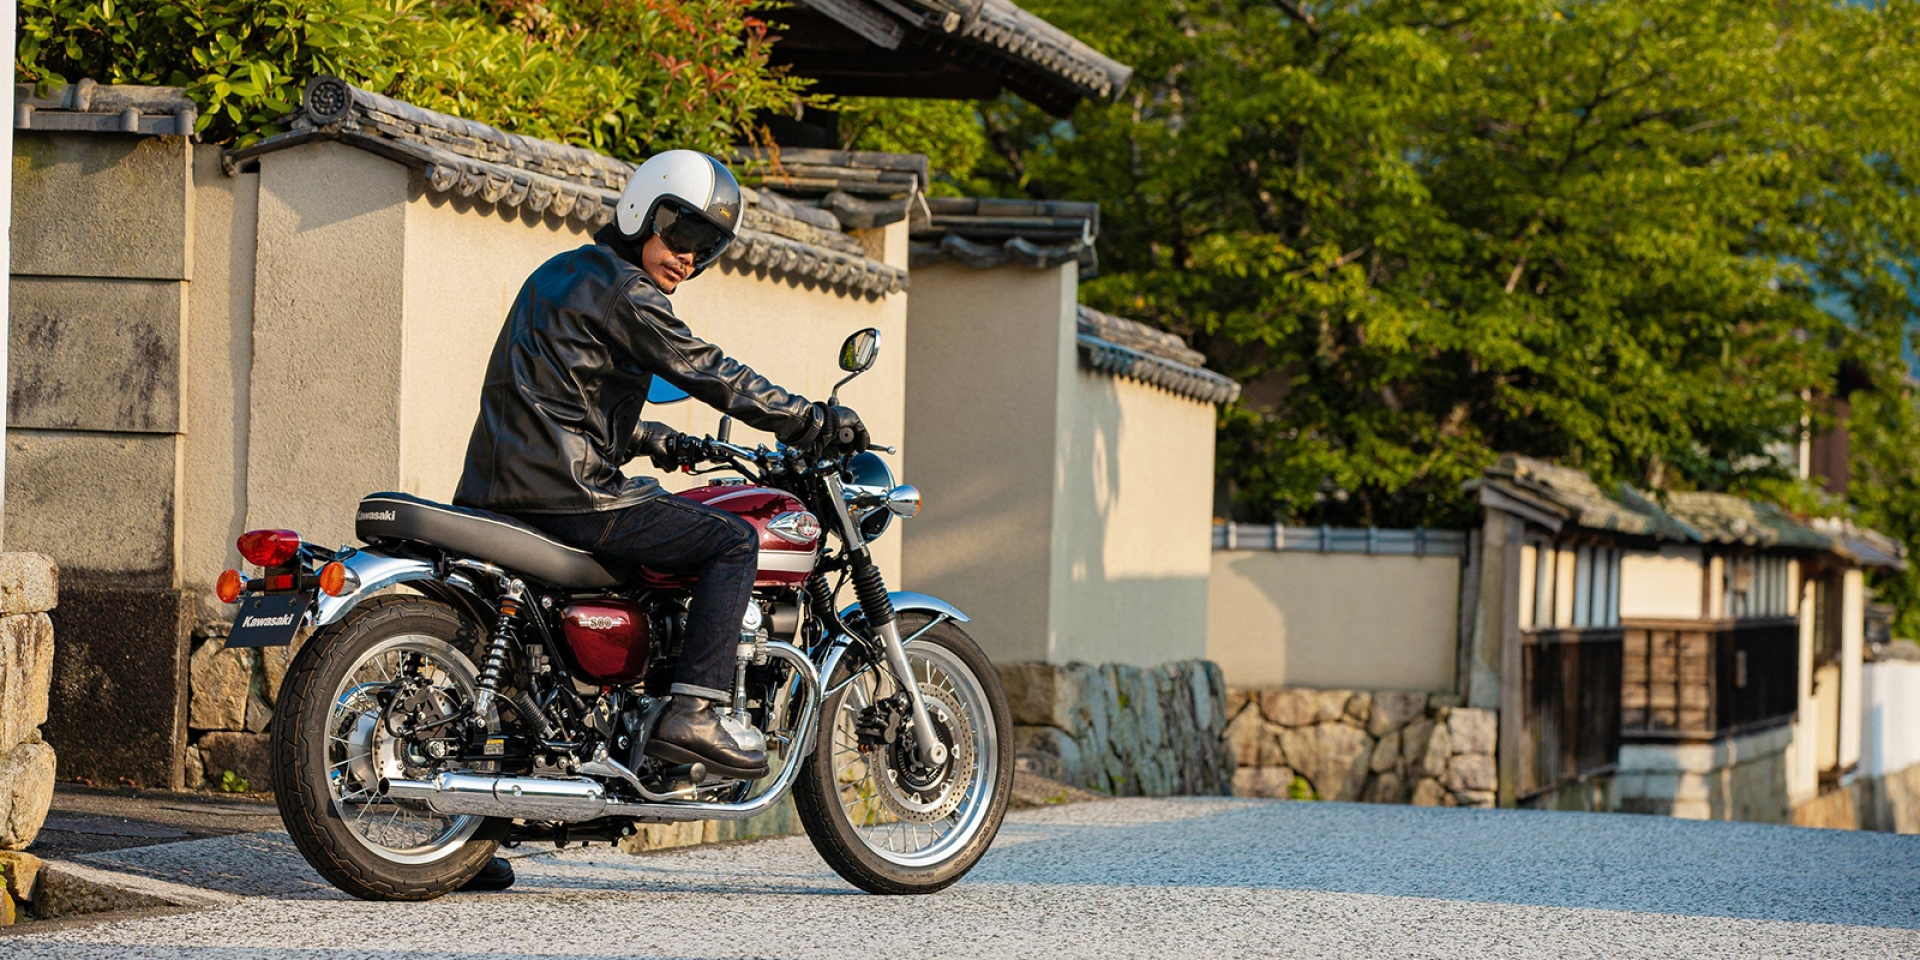 經典印記。2020 KAWASAKI W800 東京車展發表!